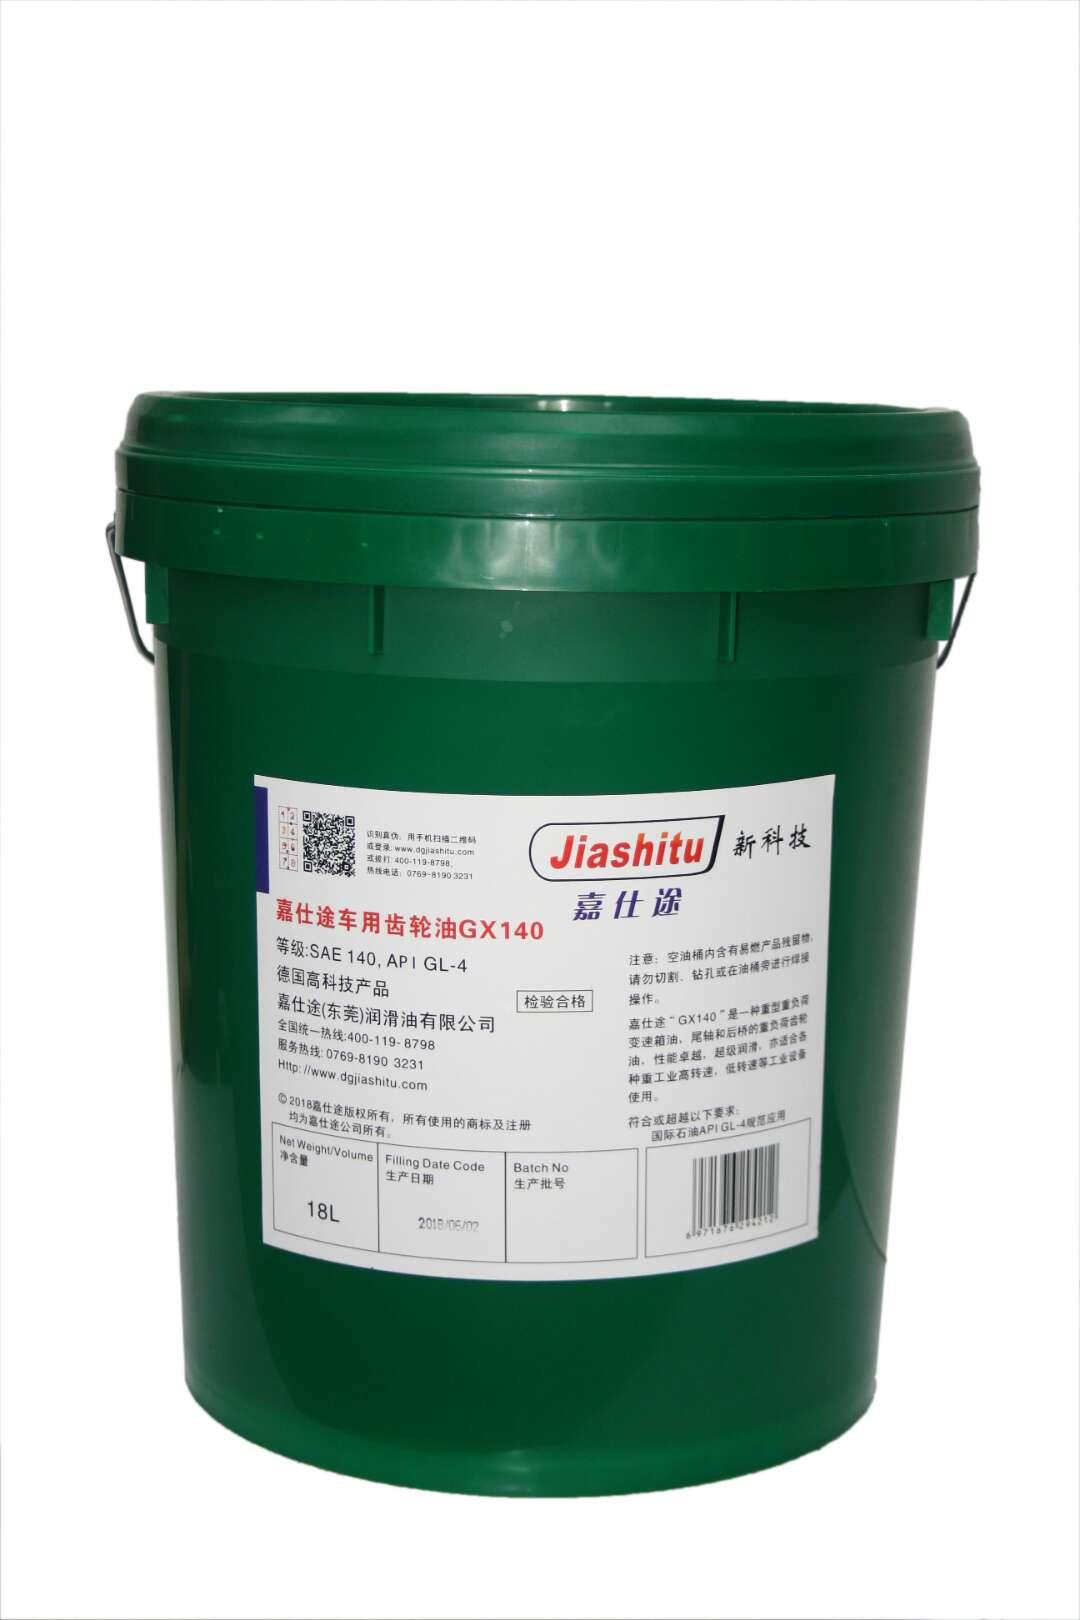 齒輪油批發供應 東莞品質可靠的齒輪油推薦